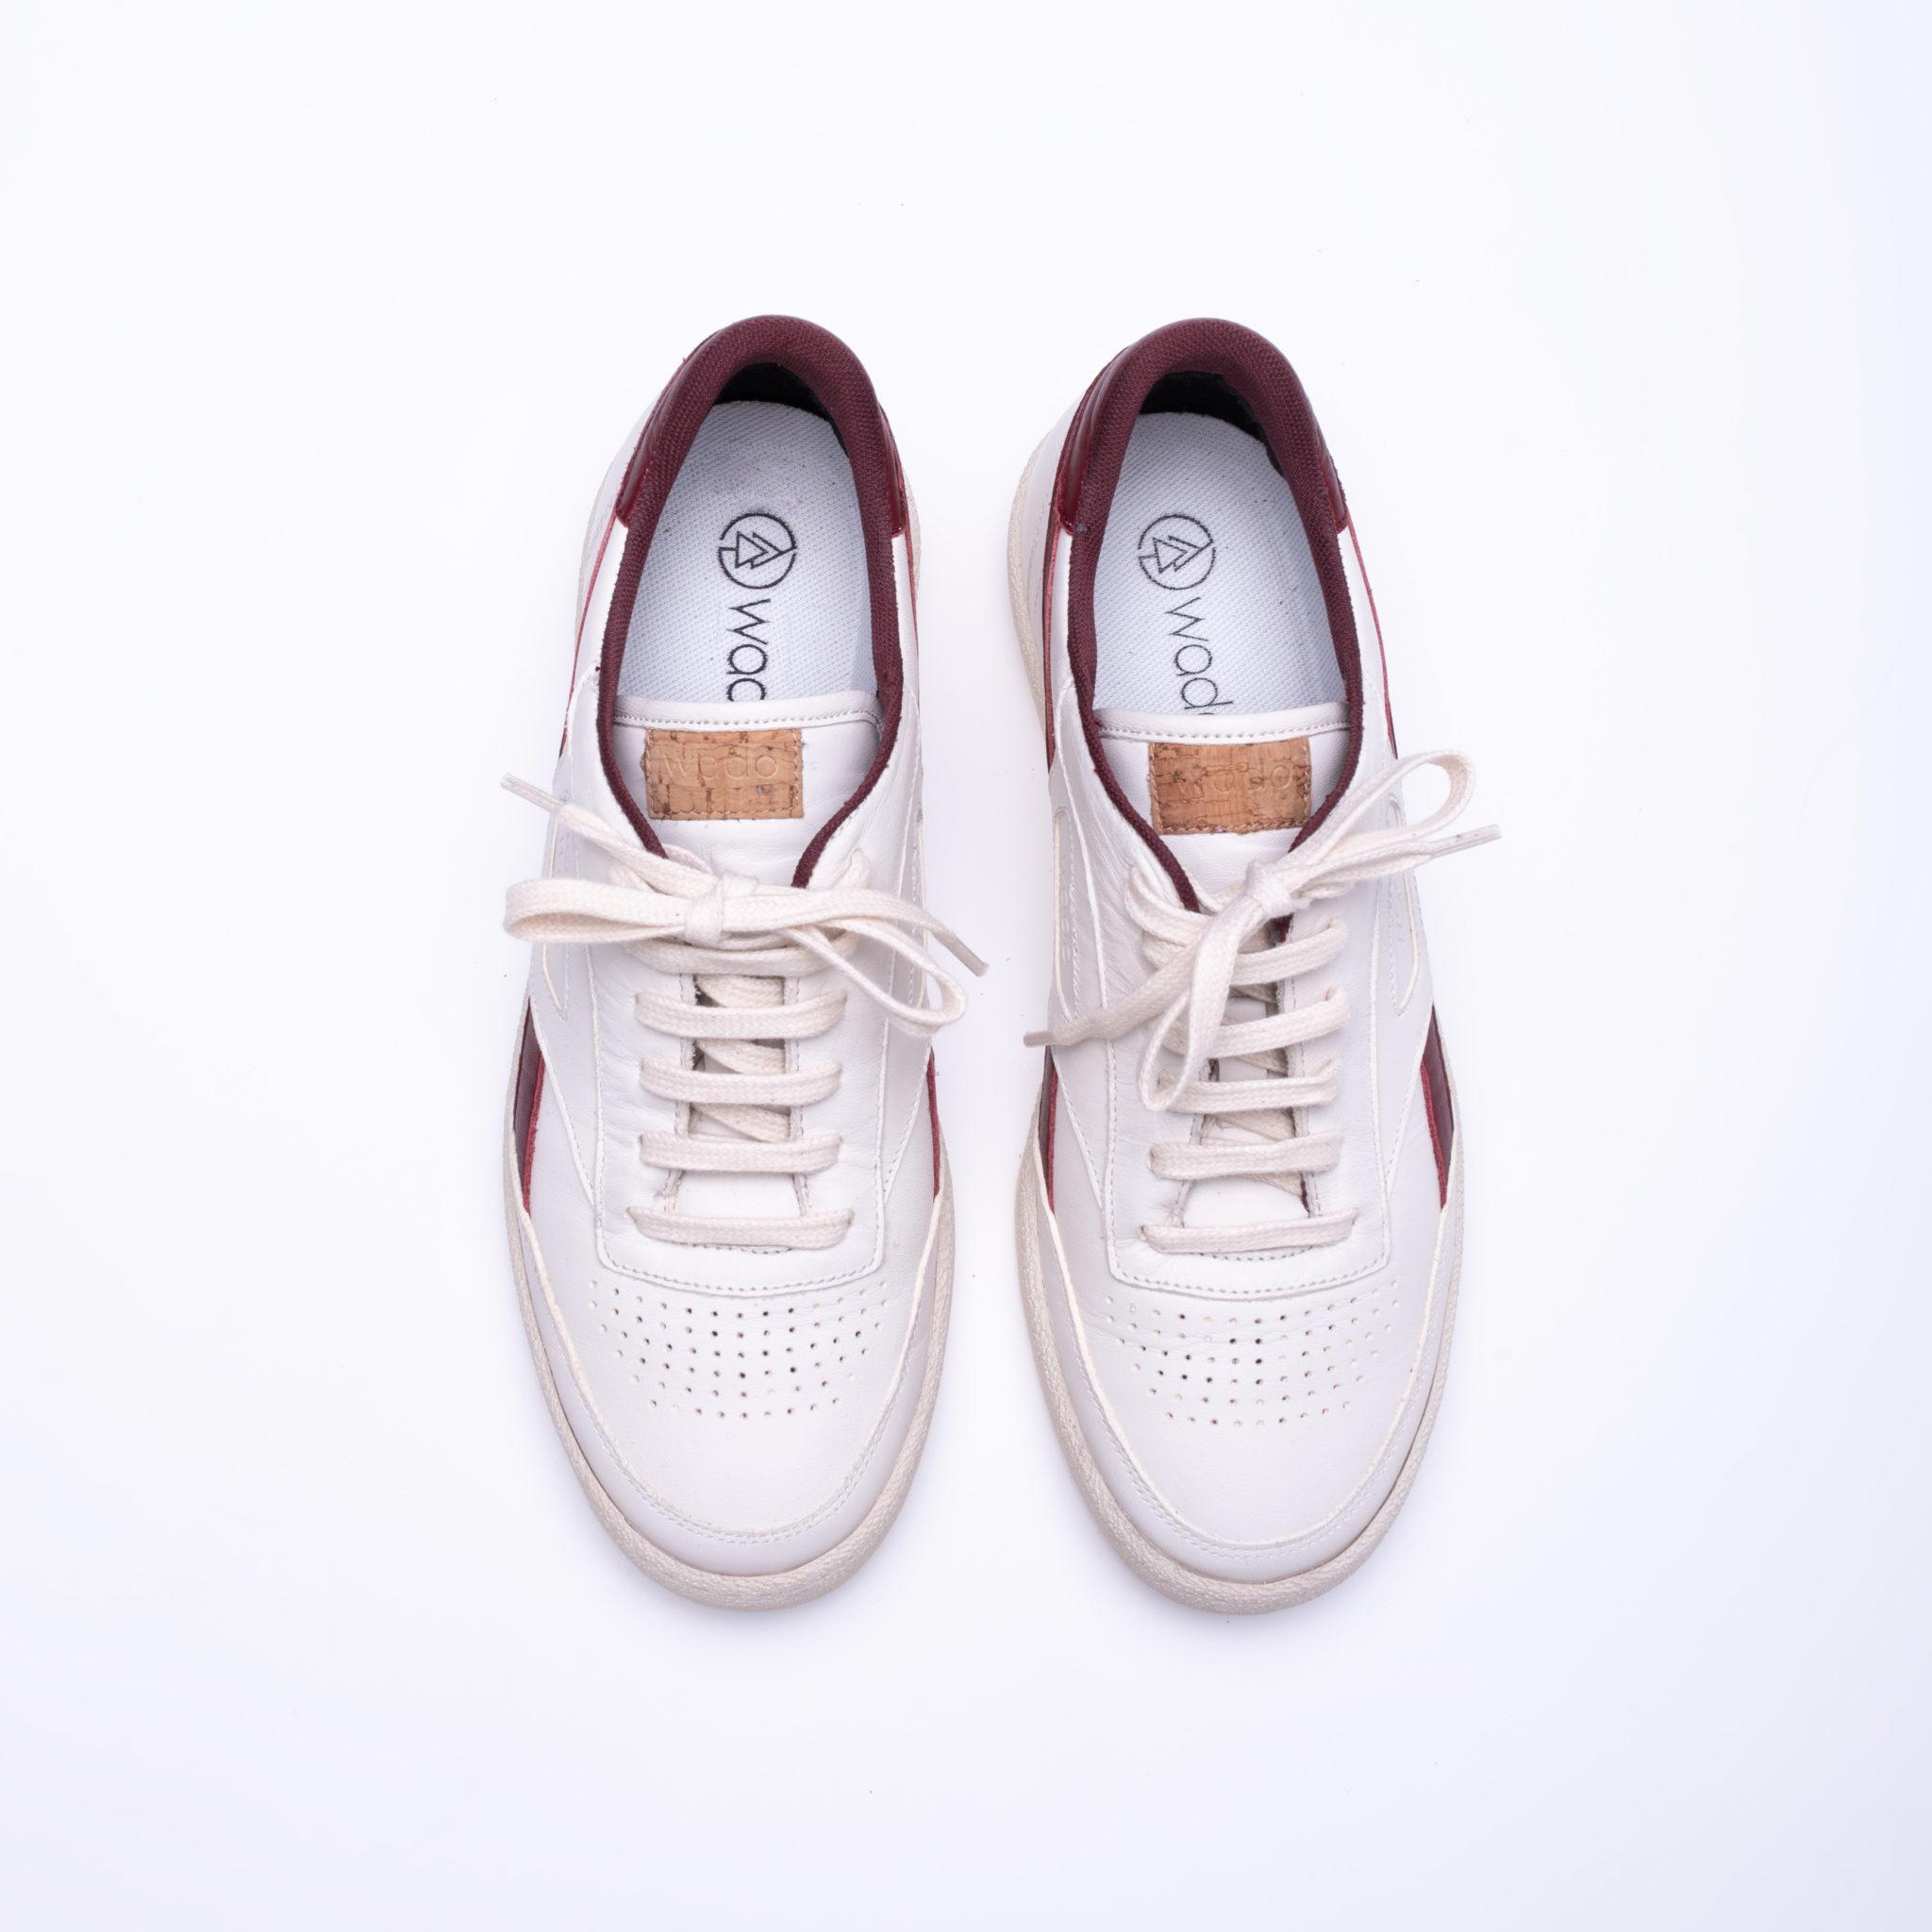 Image:  Wado Sneakers